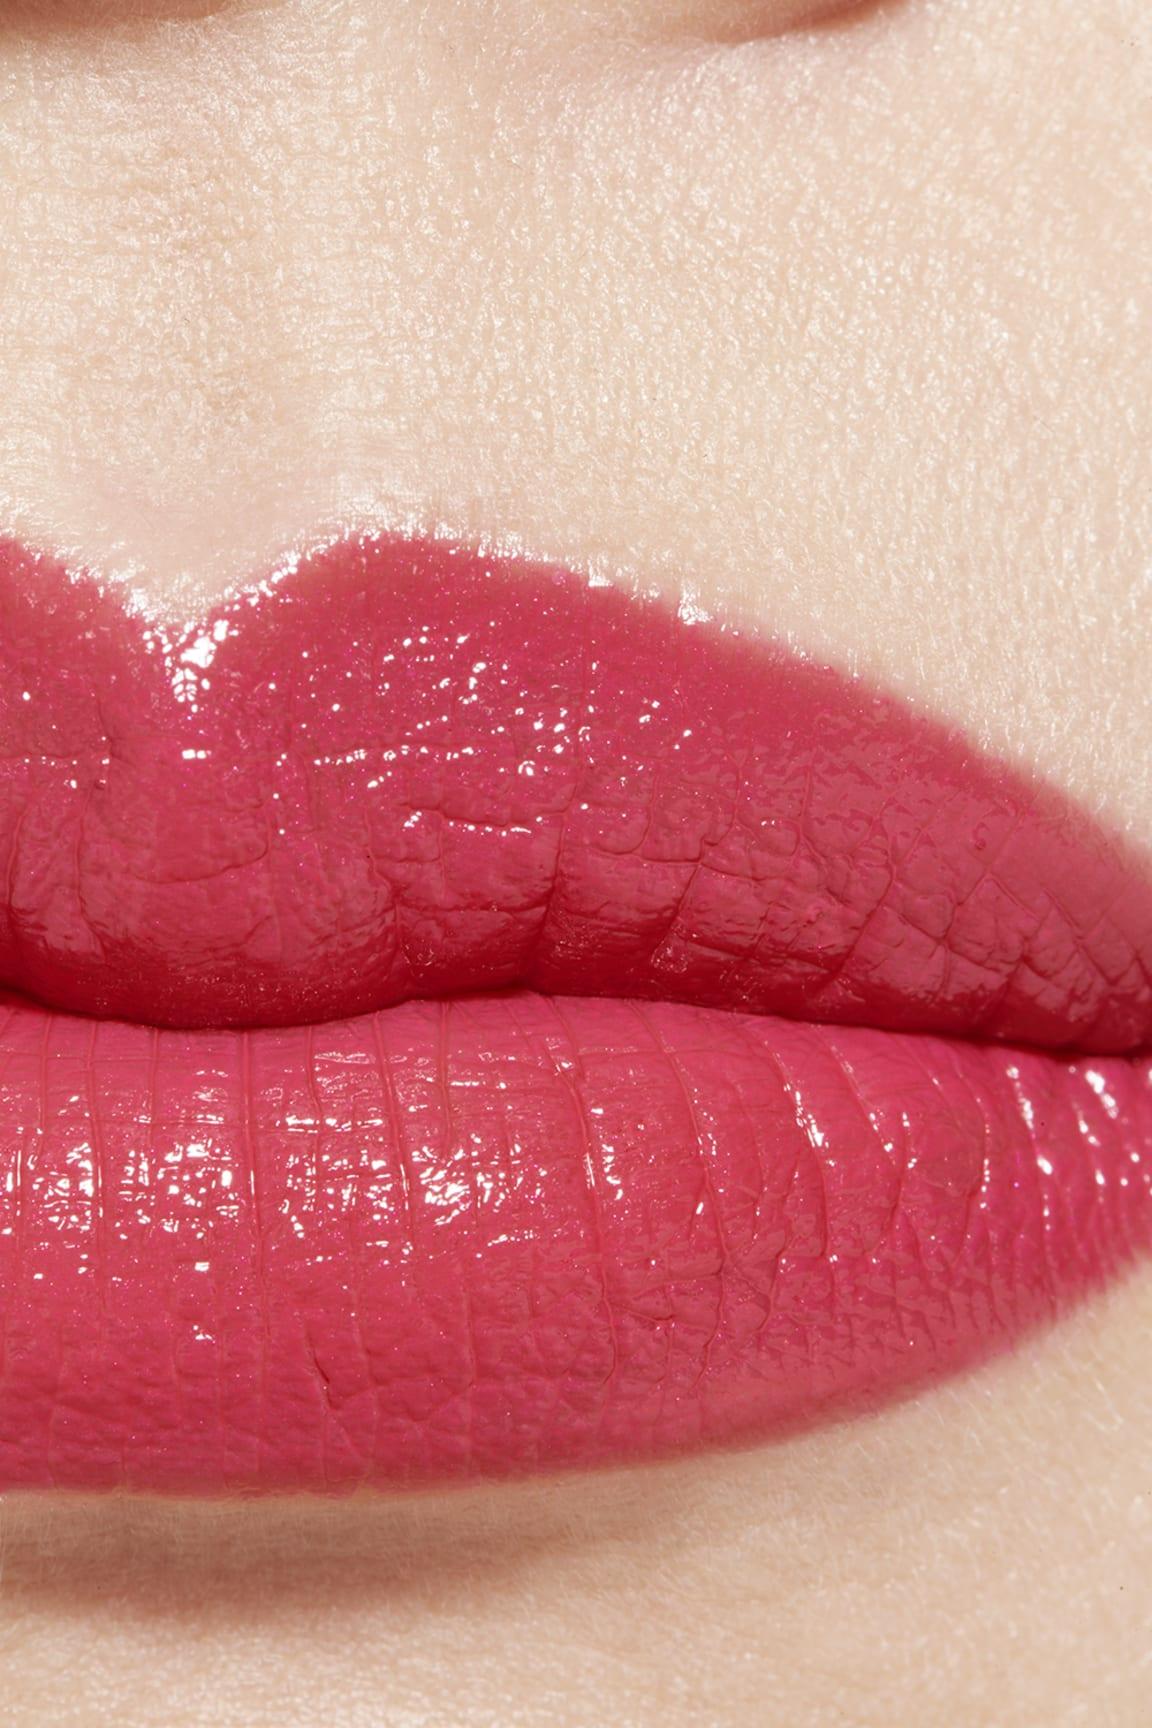 Application makeup visual 1 - ROUGE COCO 472 - EXPÉRIMENTAL